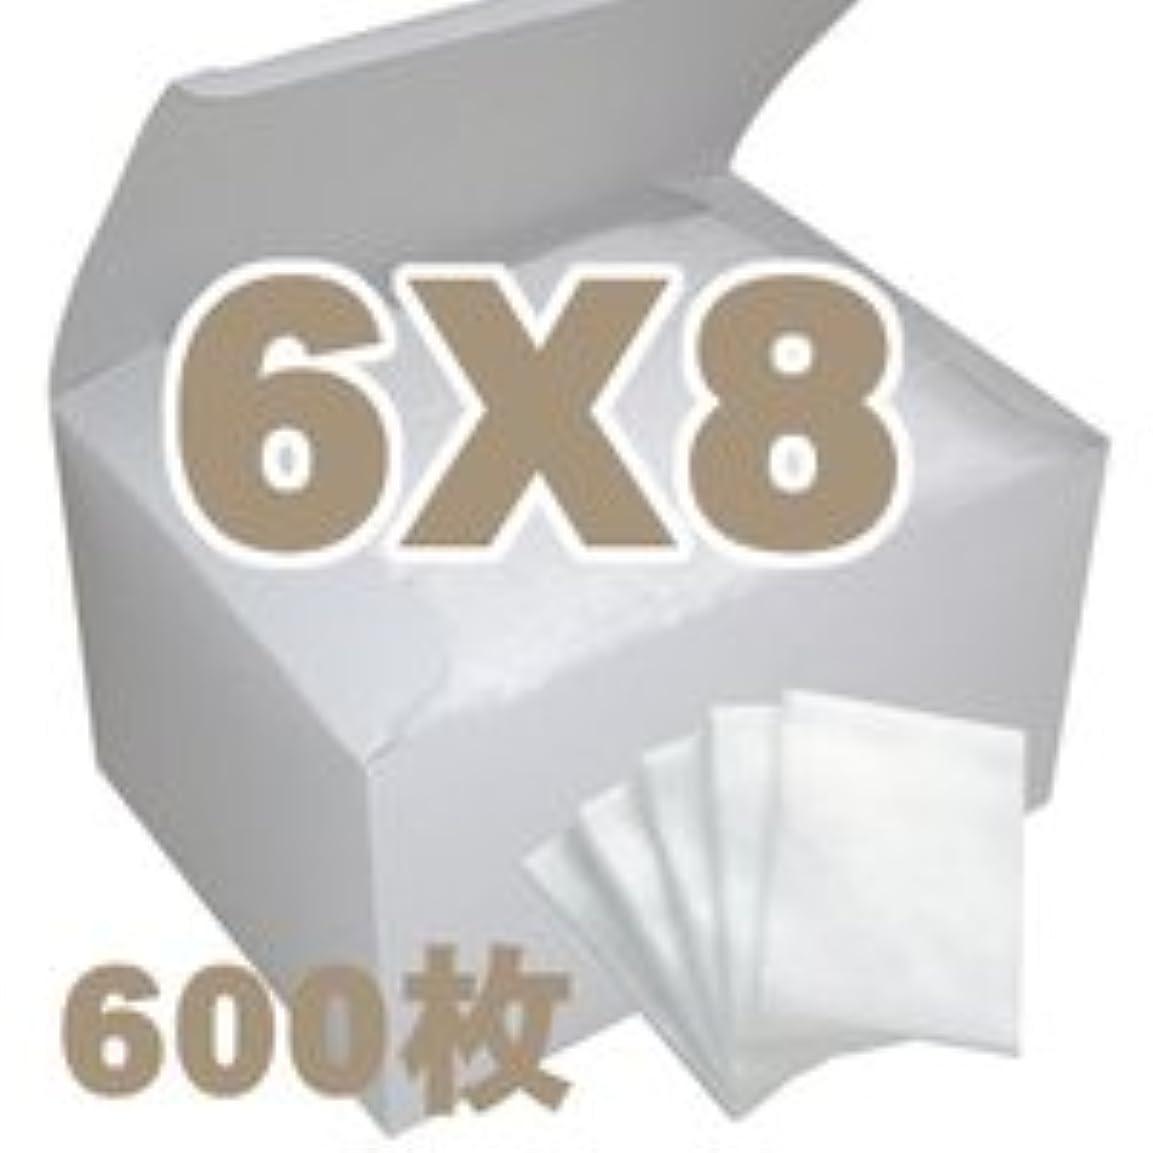 生きている超えるエンドテーブル業務用フェイシャルコットン 6×8cm(600枚) エステ?ネイル用コットン